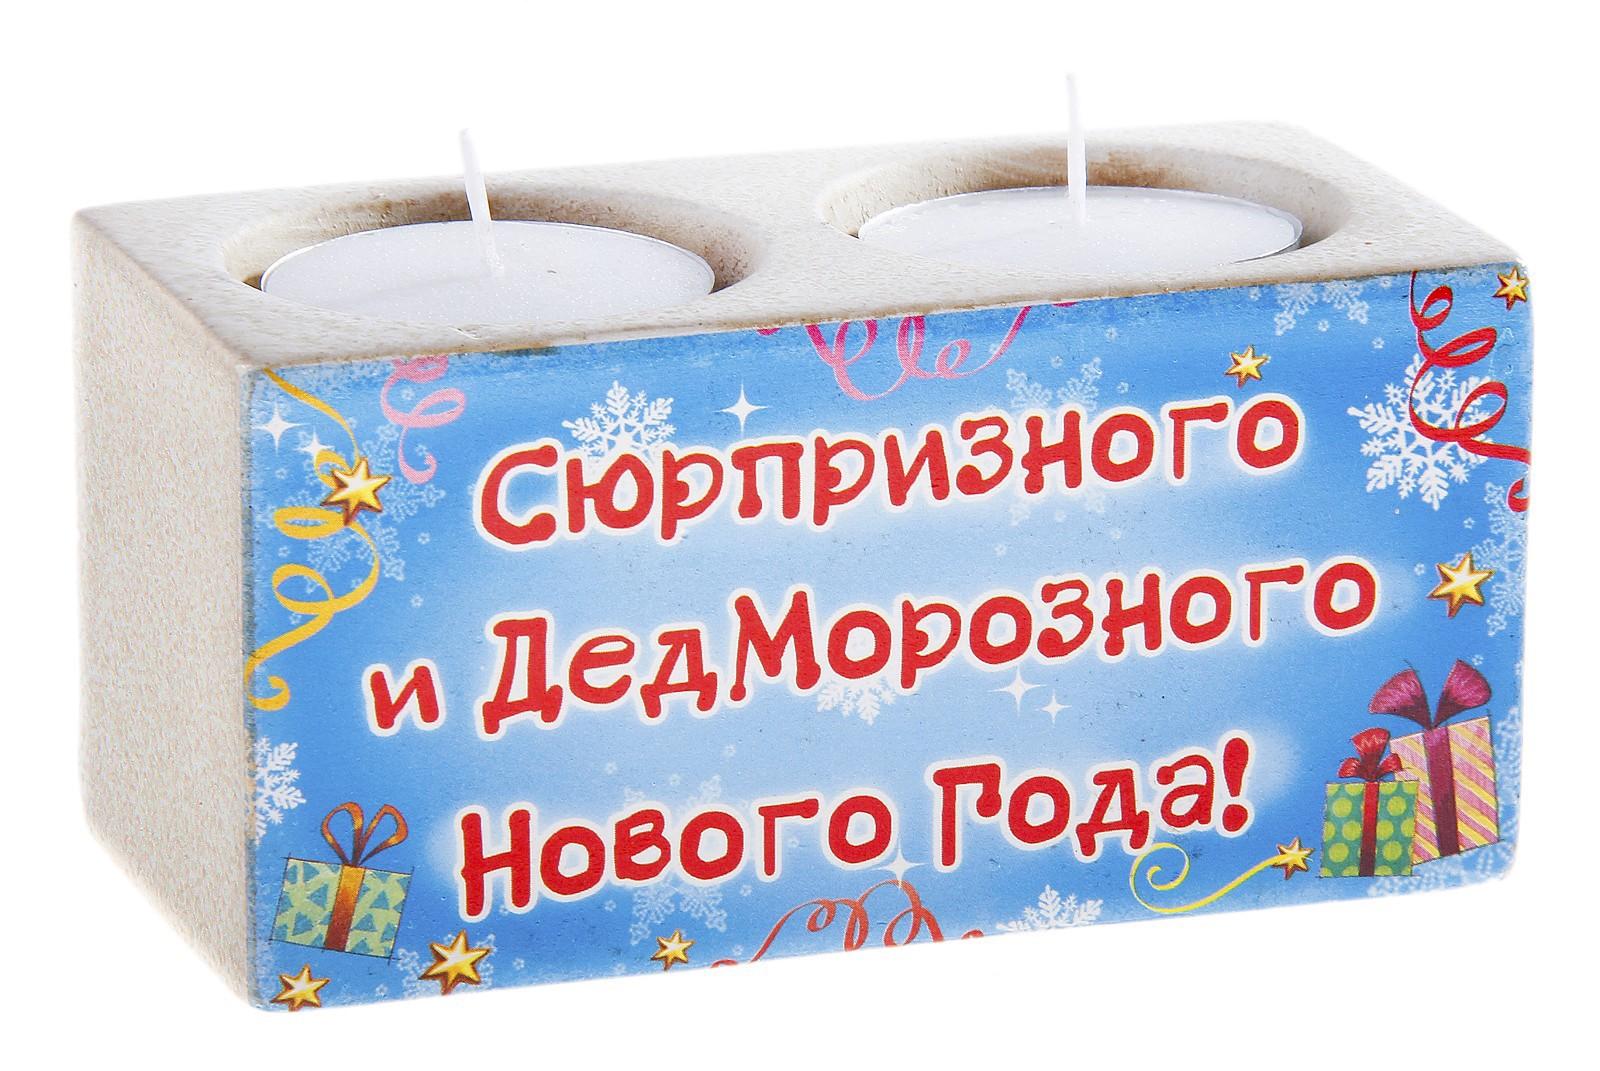 Подсвечник керамический на две свечи Сюрпризного нового года, с двумя свечами. 686646 декоративные свечи ганг подсвечник imagine 8х8х20 см